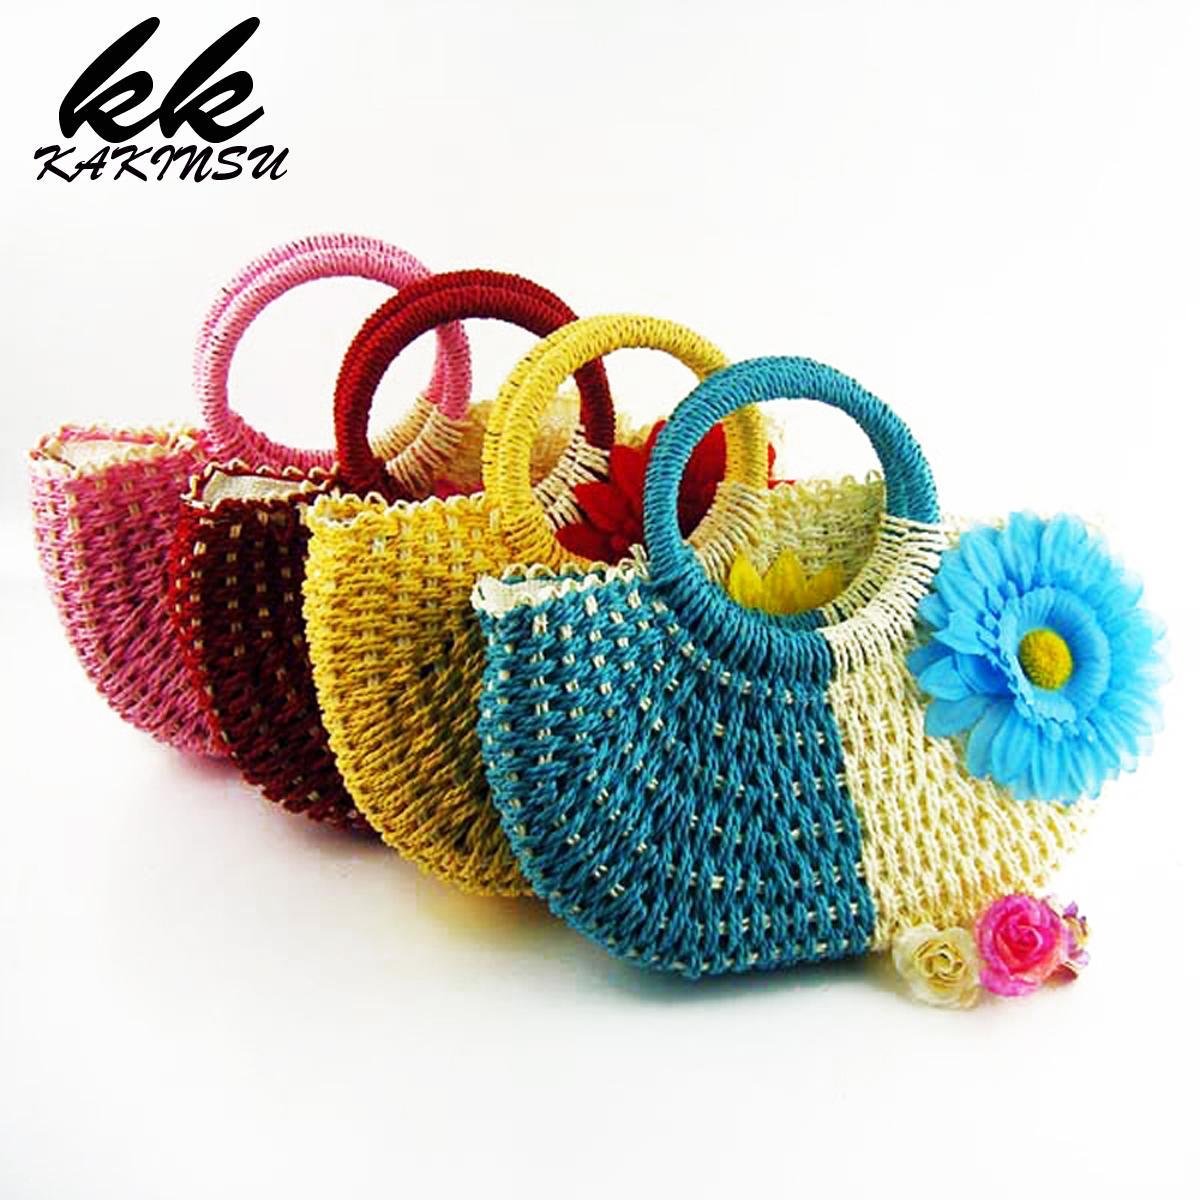 Sacs de paille tissés Sacs à main pour femmes Designer Beach Weaving Bag Sac de voyage en été Tote Ladies Sac à main Tricot Shopping Sac à la main